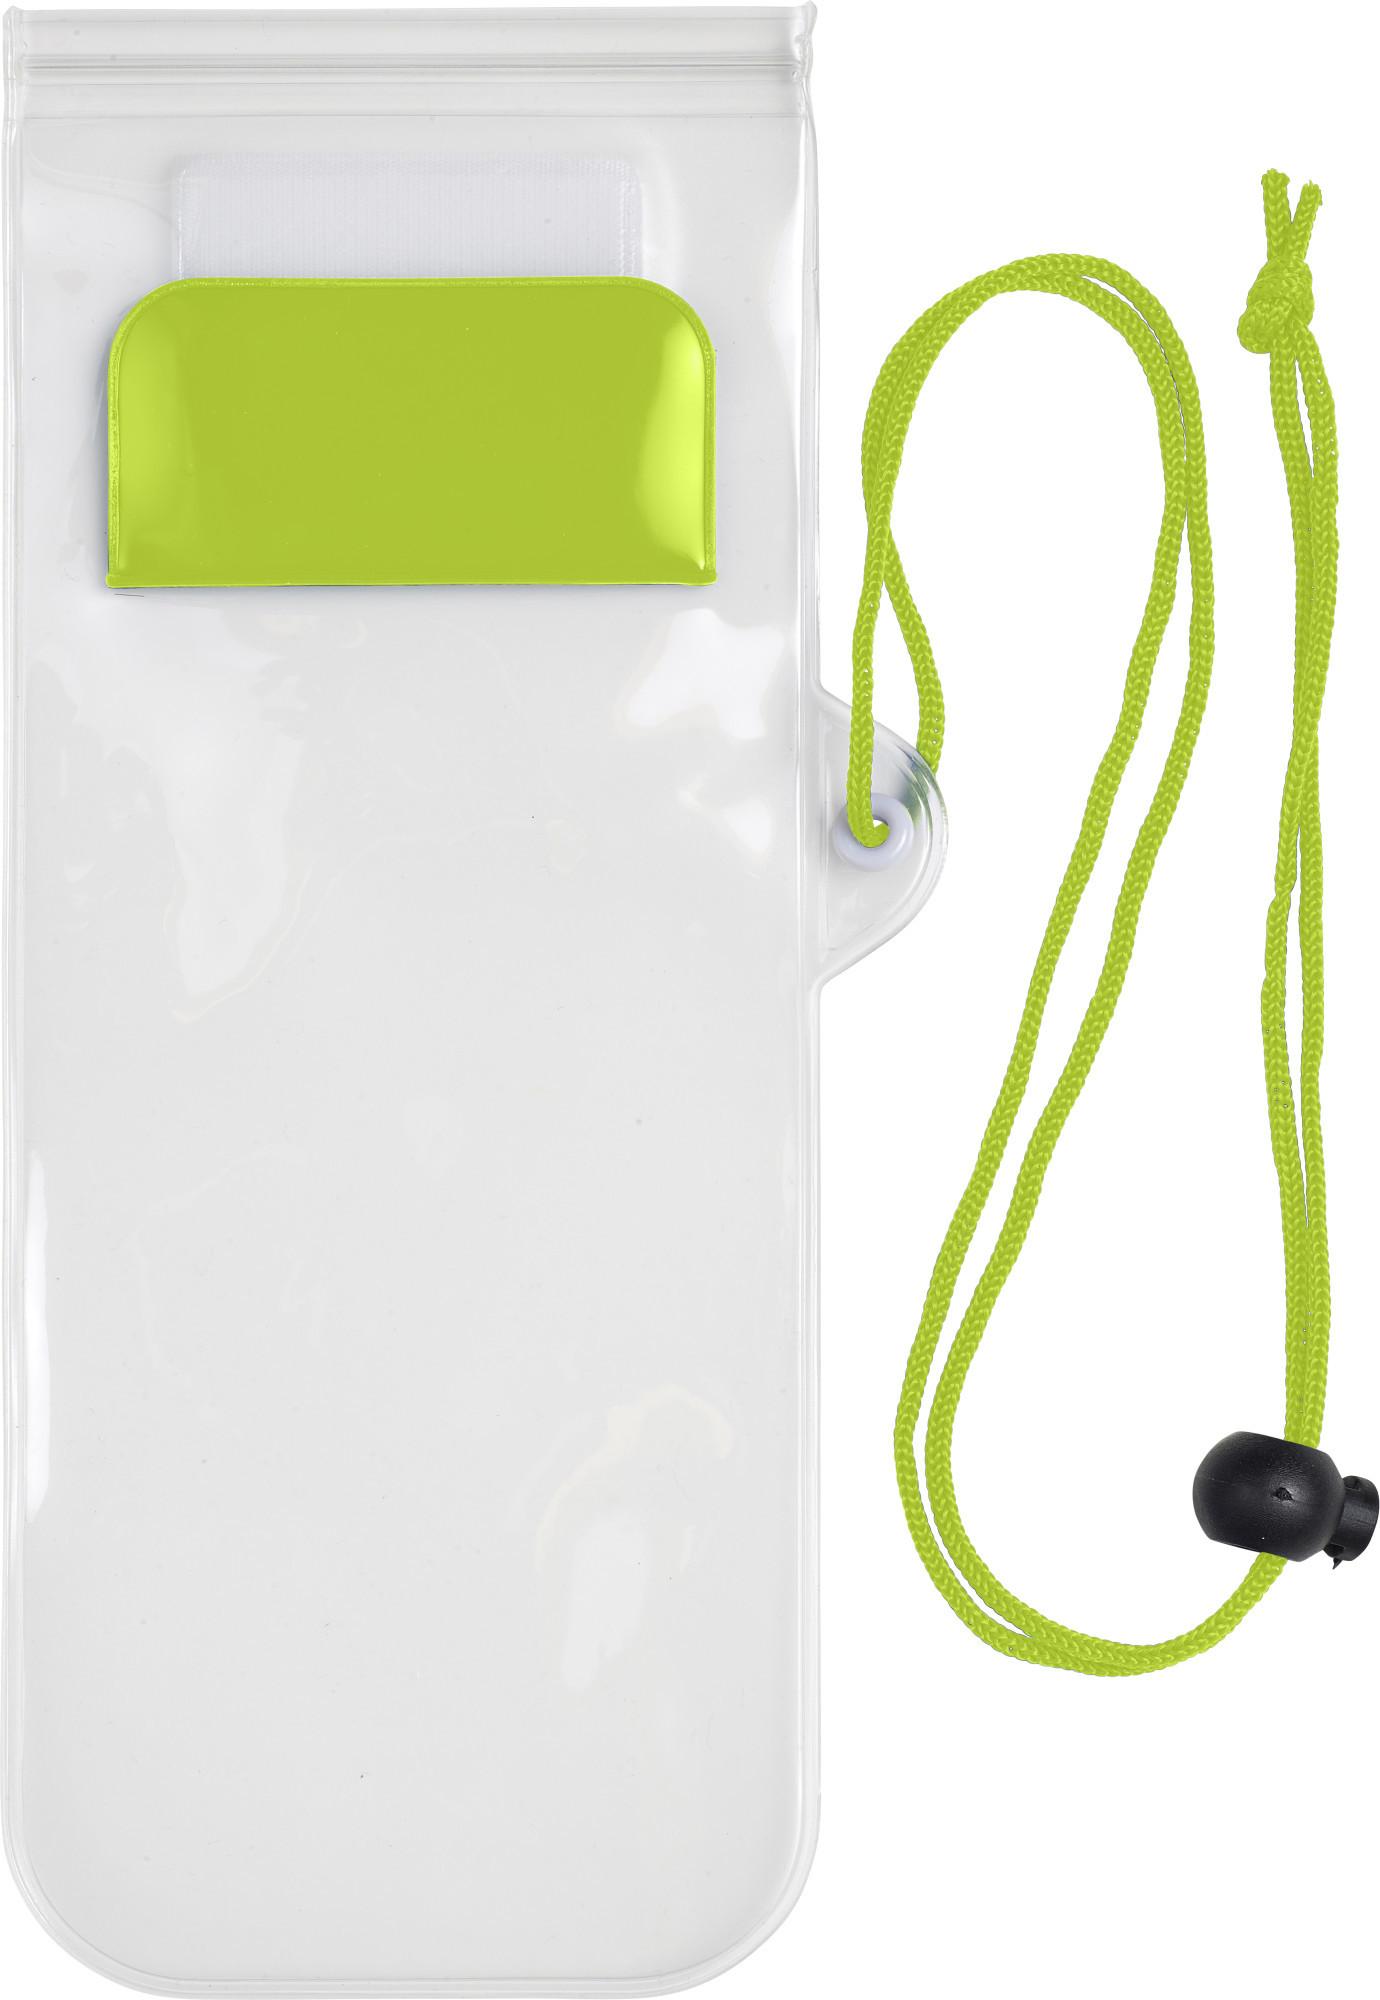 Étui waterproof en PVC pour smartphone - 19-1252-26